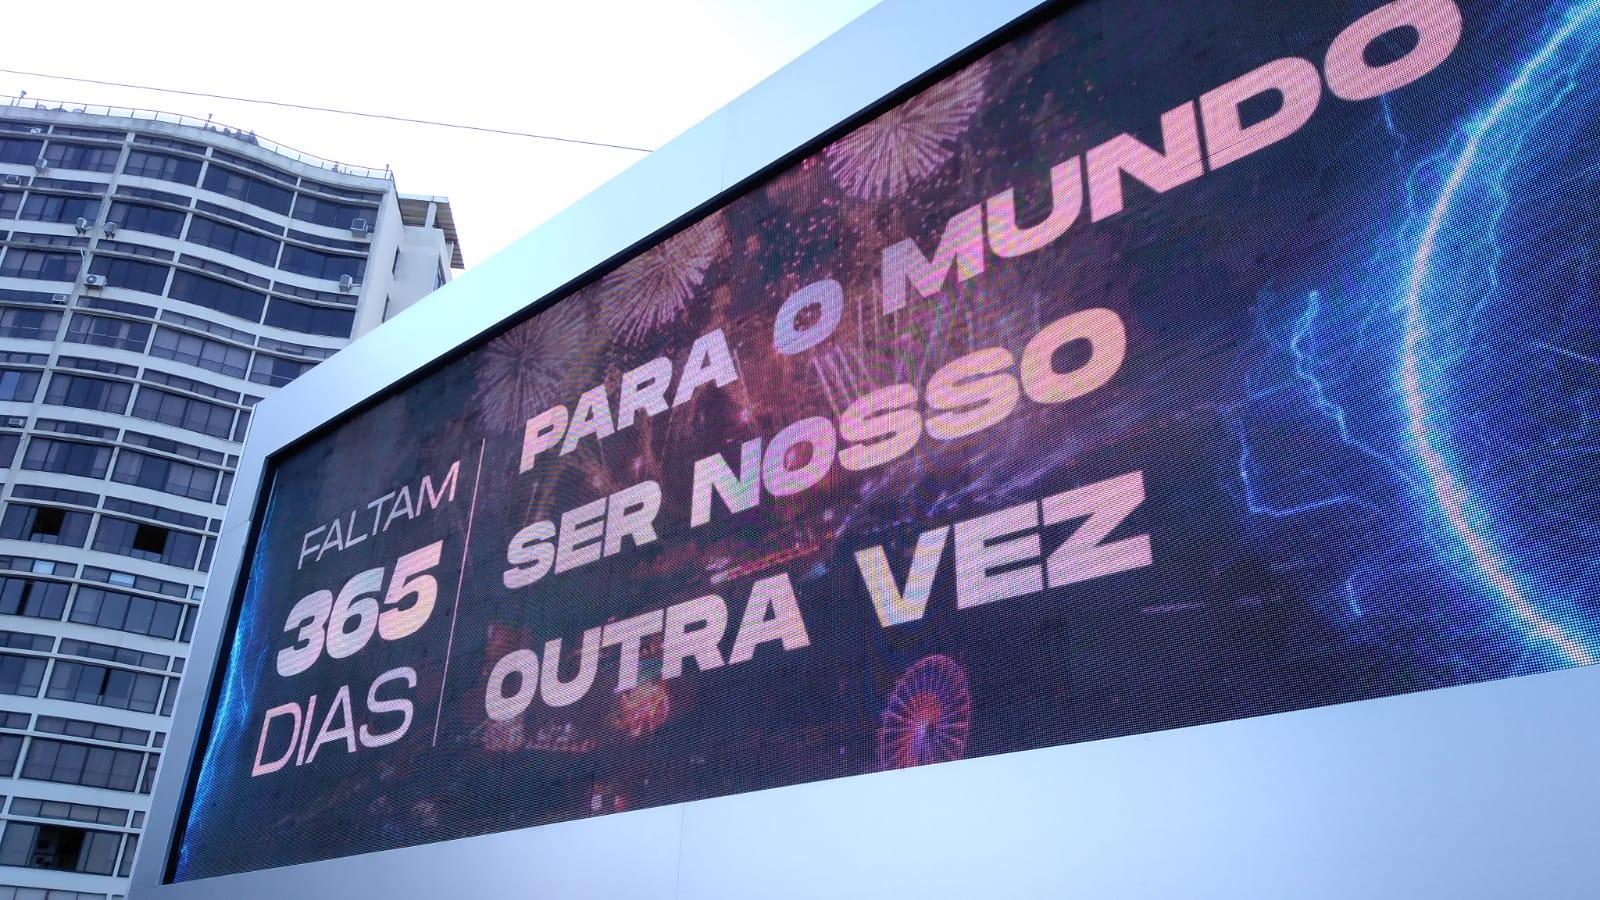 Foto: Divulgação / Twitter